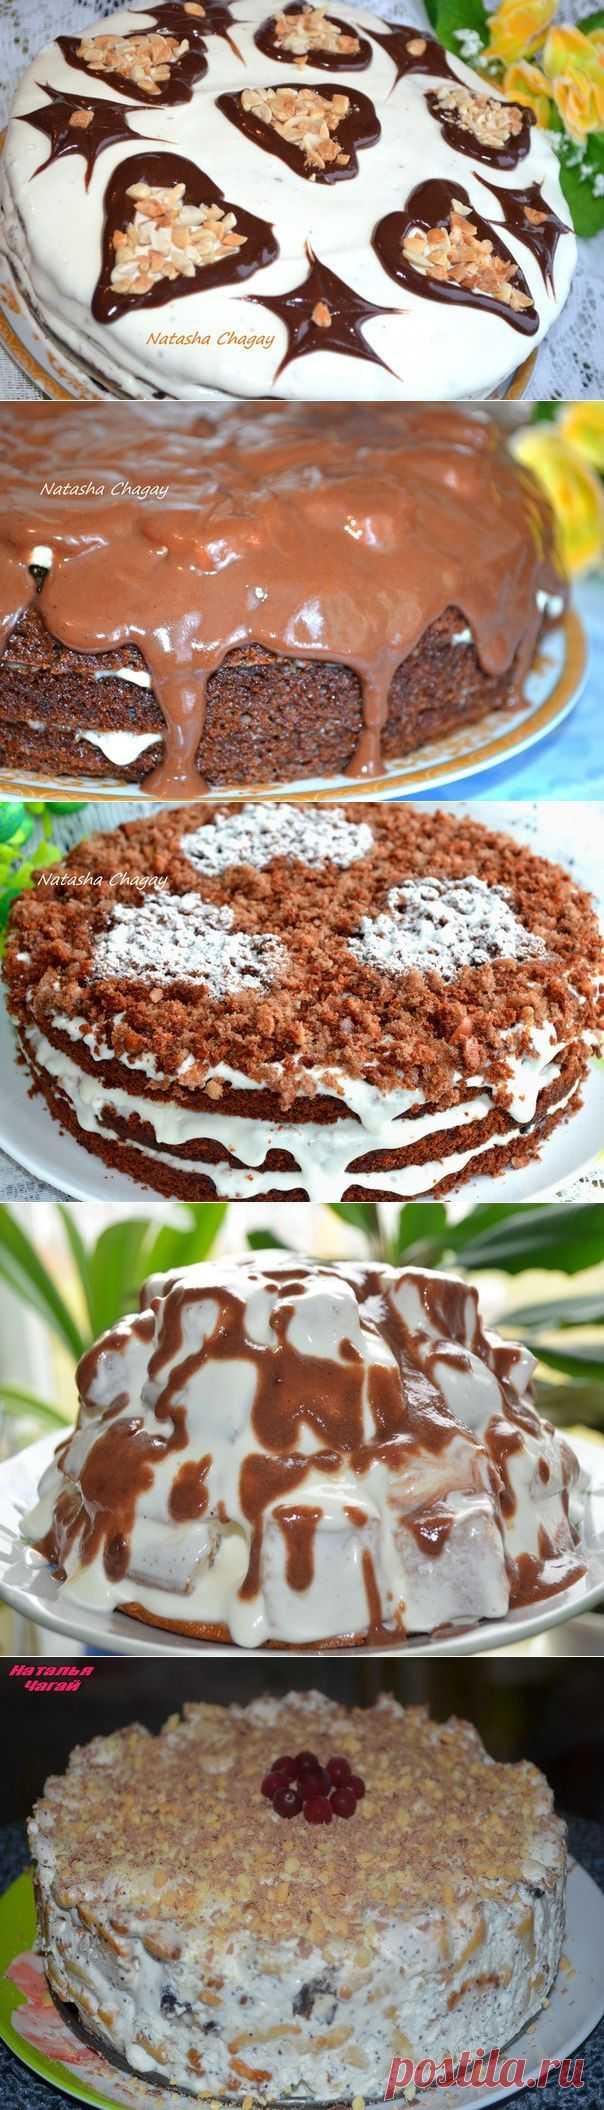 Супер тортики от Наташи Чагай!!! - Простые рецепты Овкусе.ру